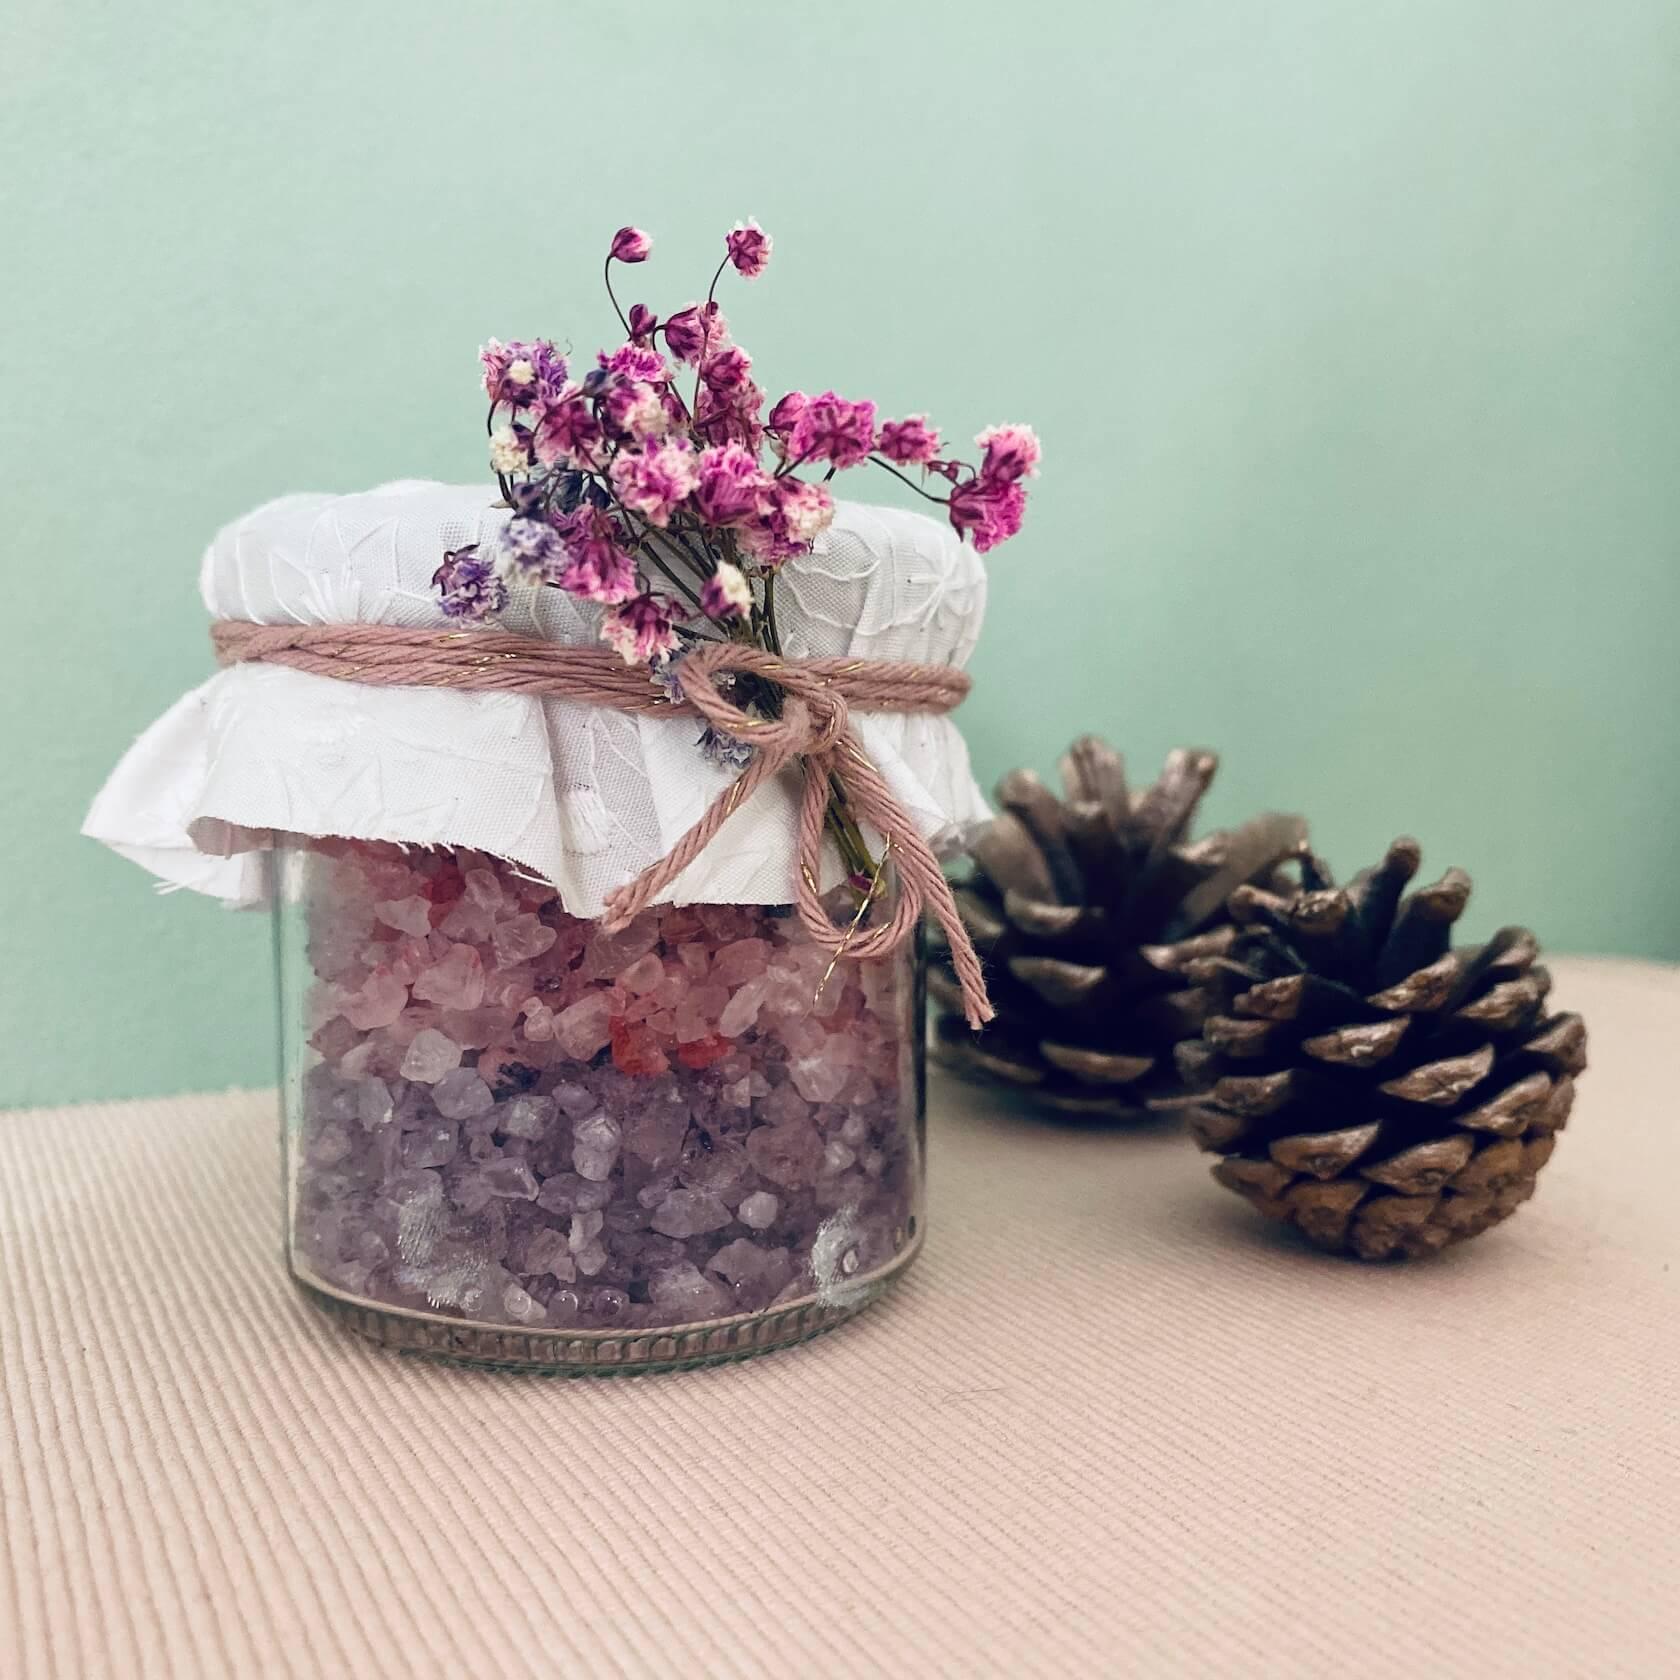 DIY Weihnachtsgeschenk Badesalz